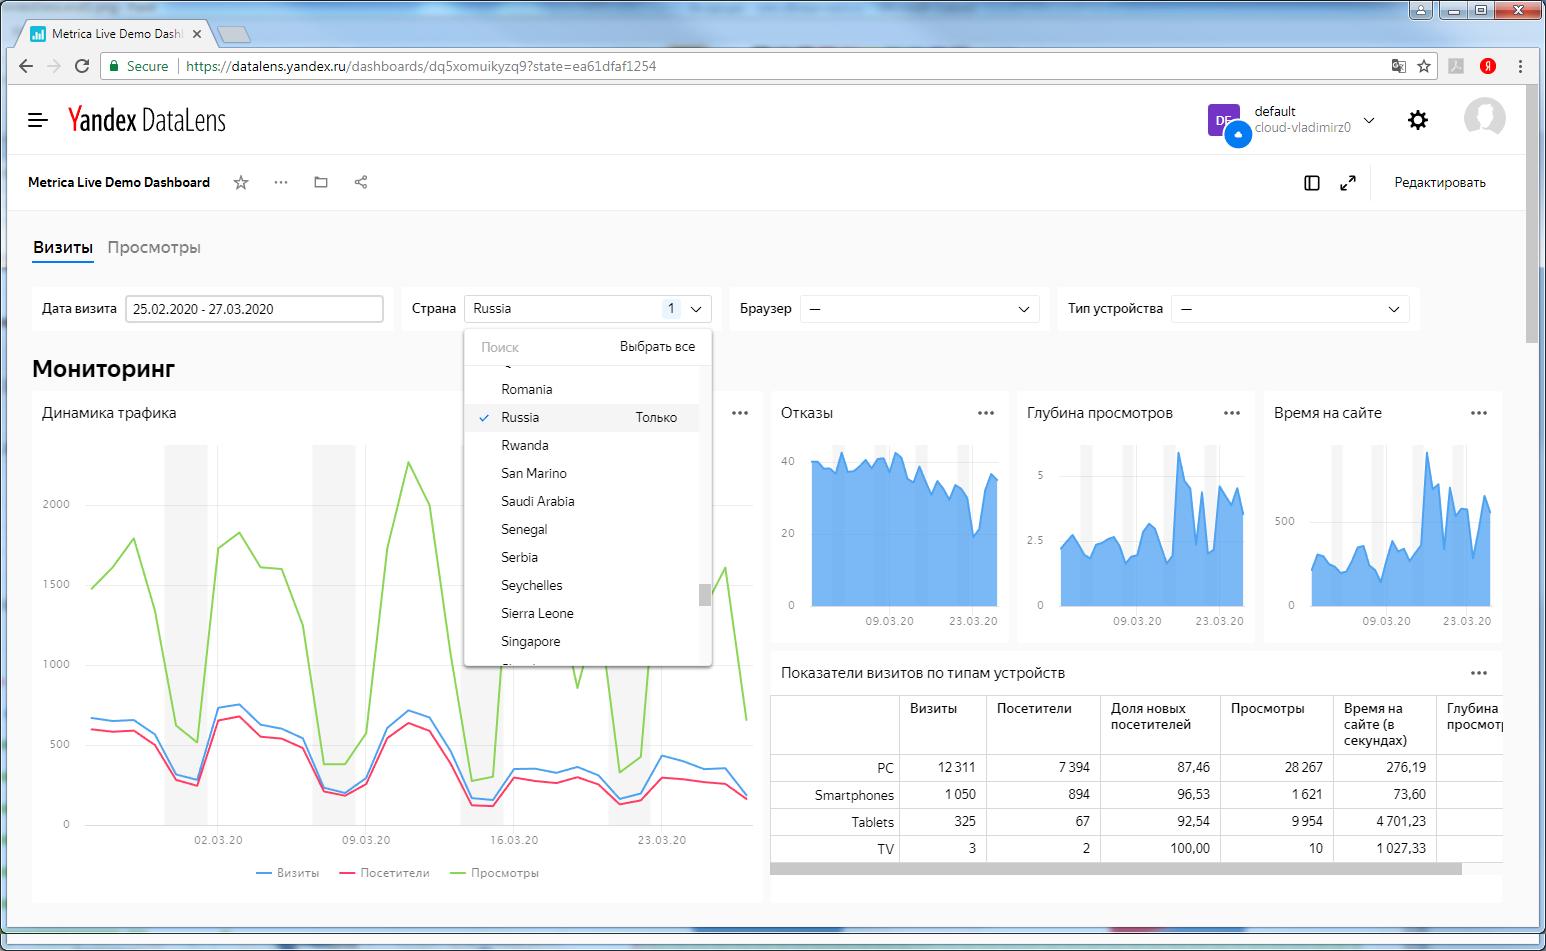 Веб-аналитика с применением онлайн-сервиса Яндекс ДатаЛенс